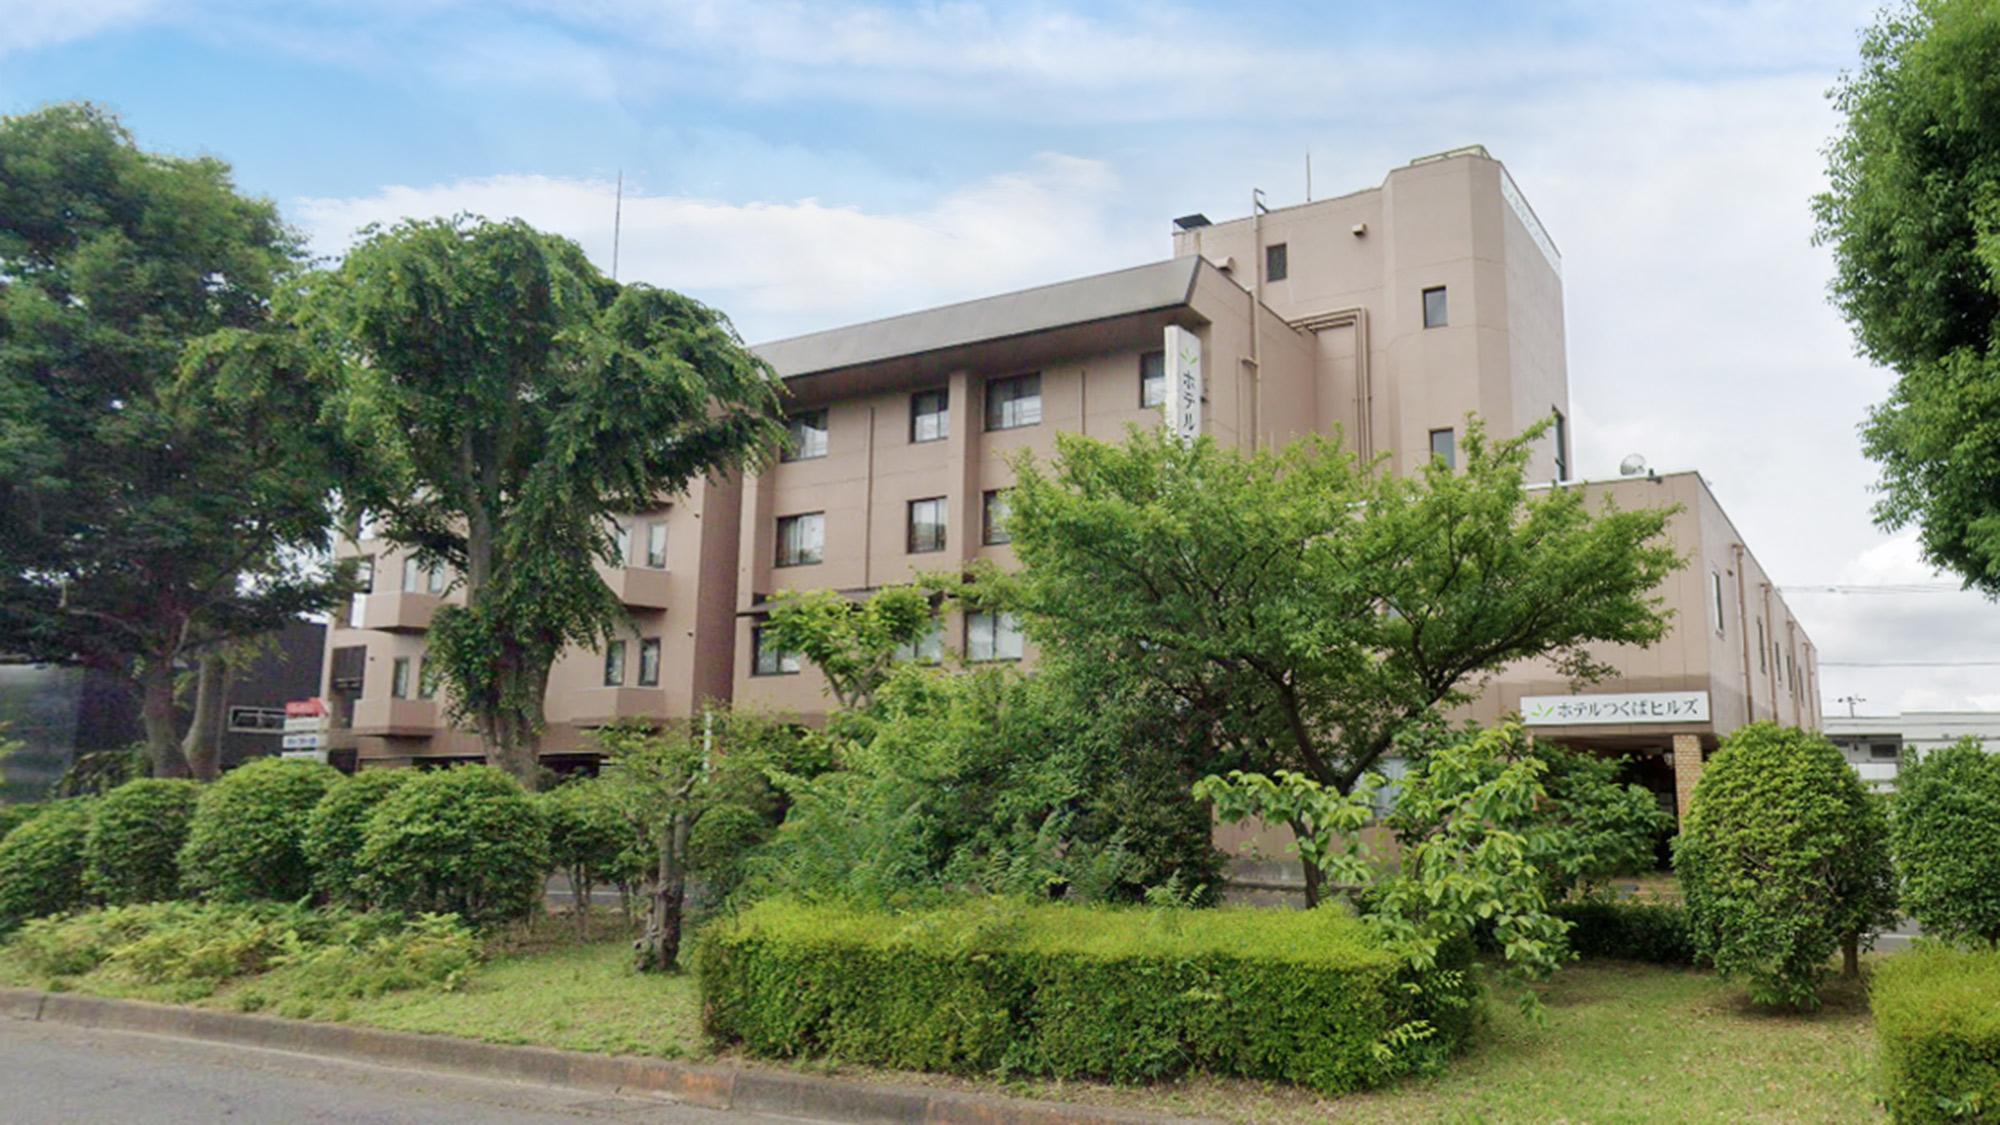 ホテルつくばヒルズ学園西大通り店(BBHホテルグループ)...